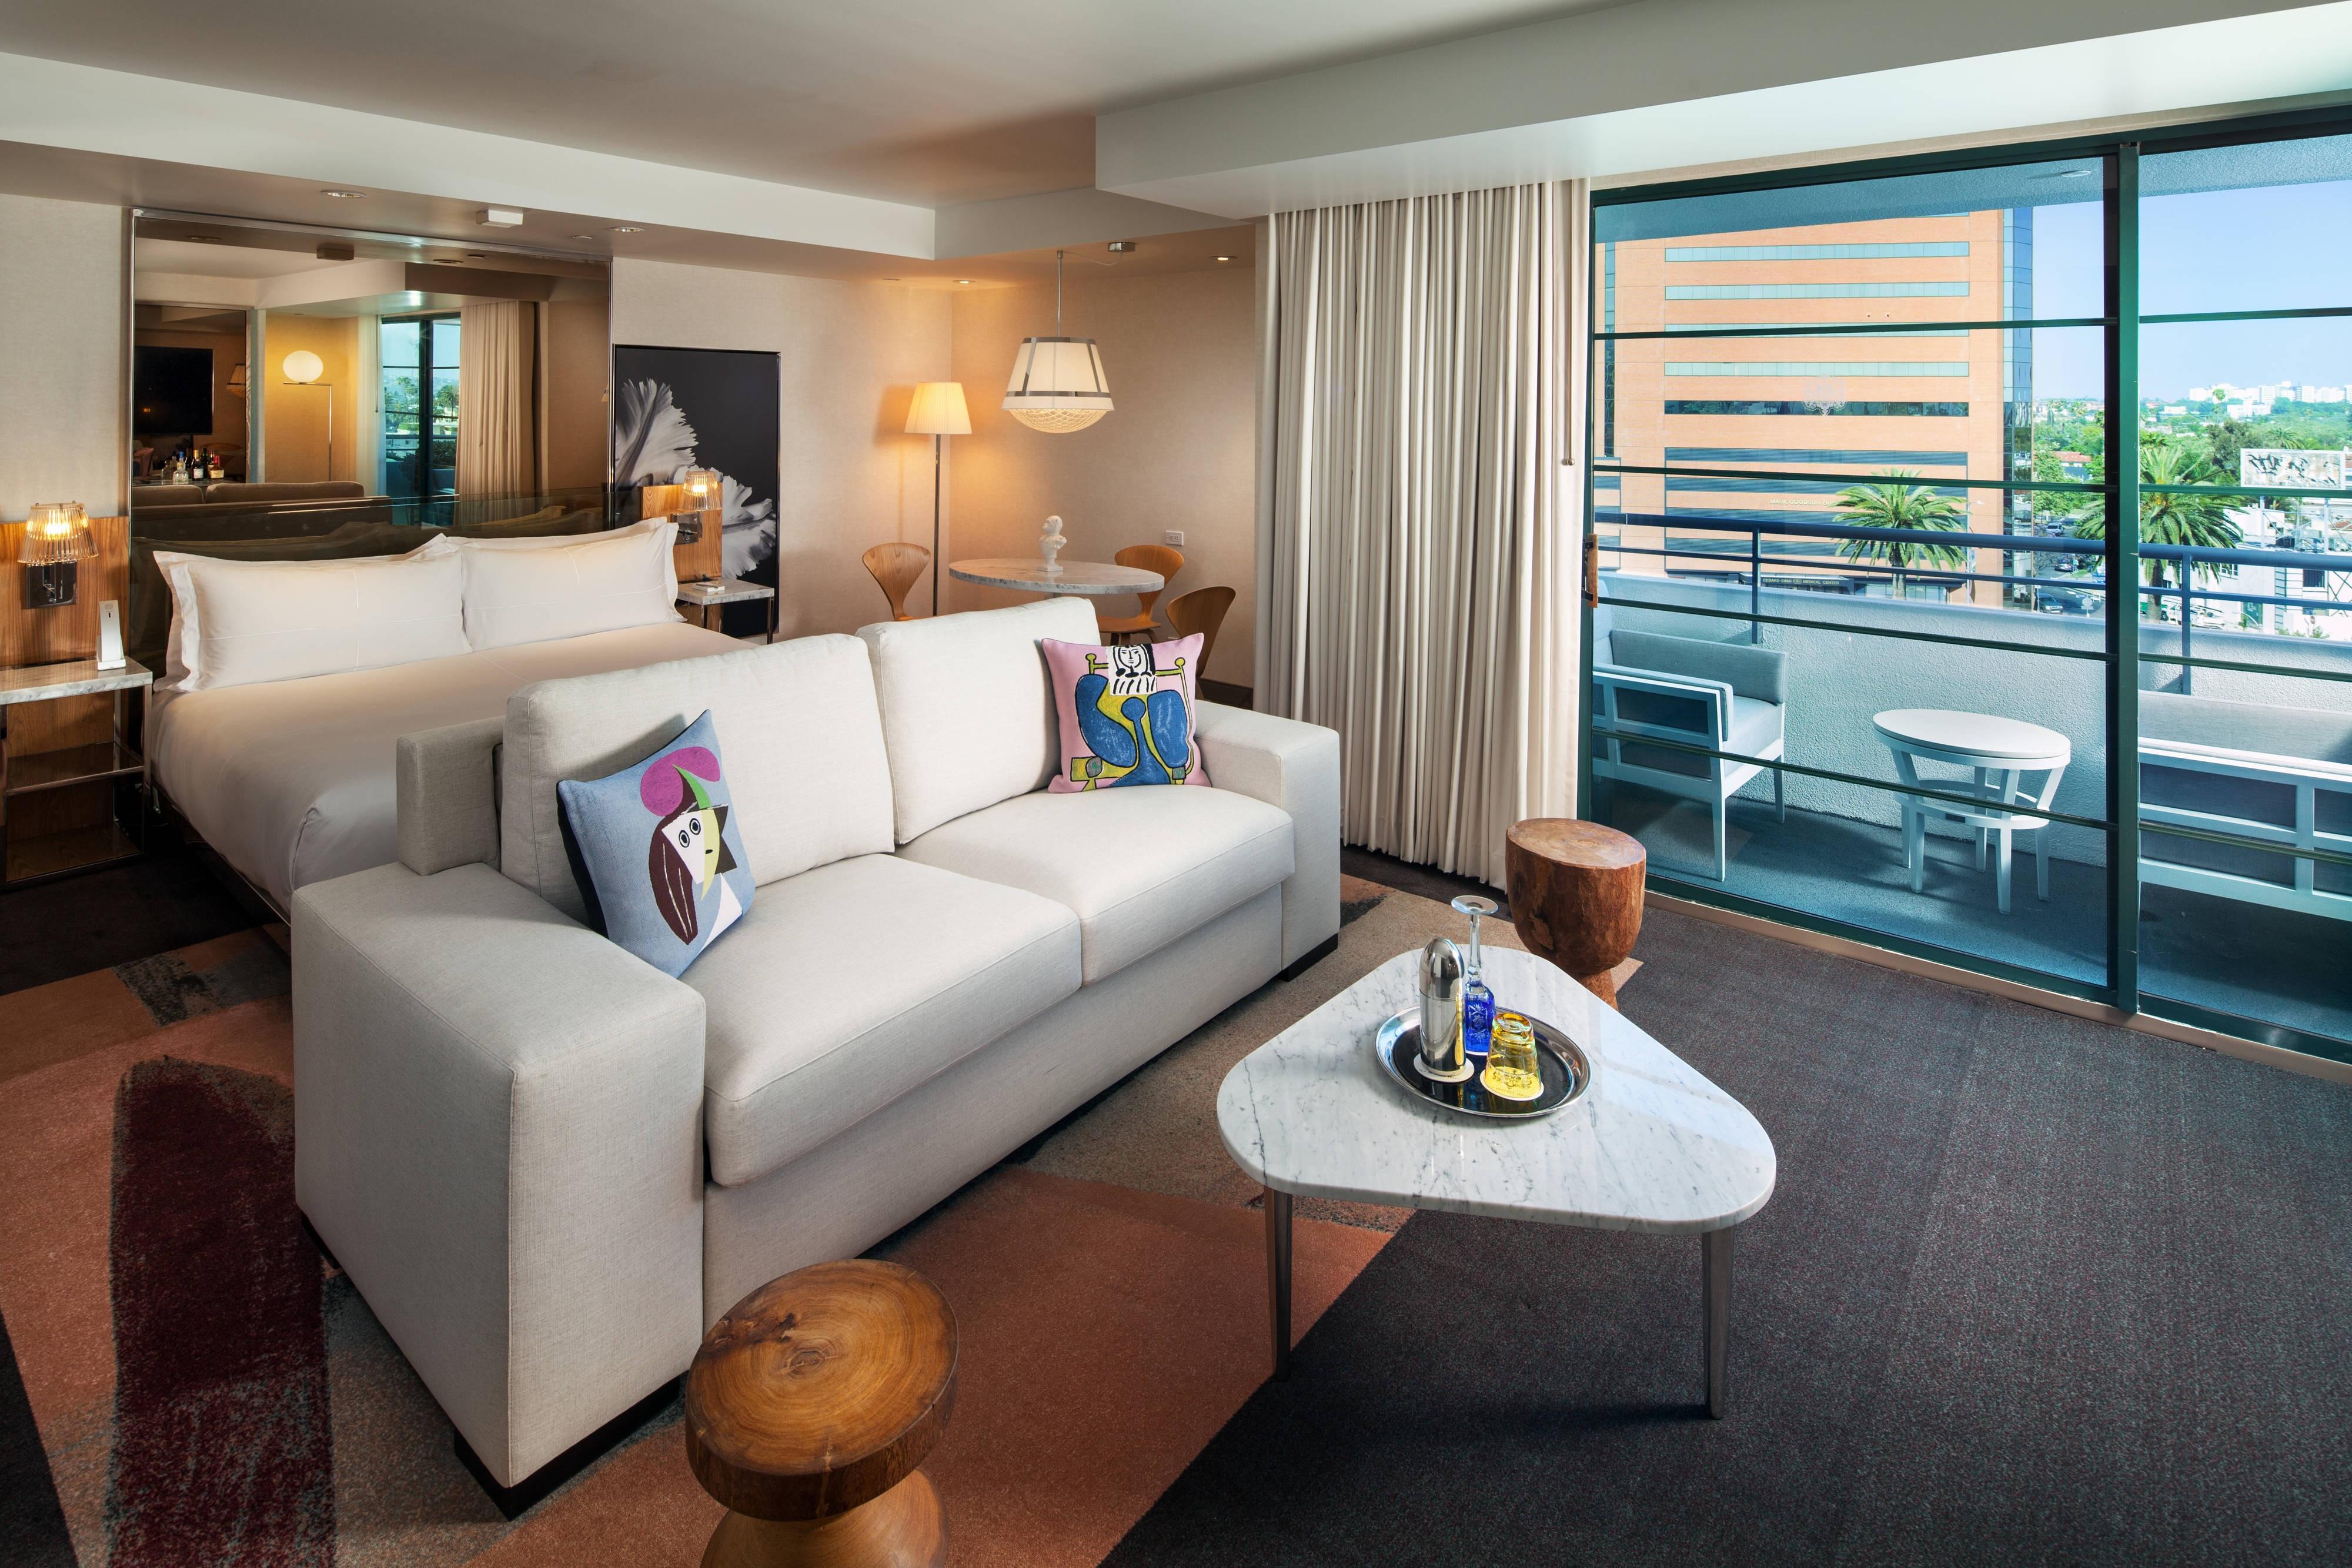 Habitación de la suite con balcón